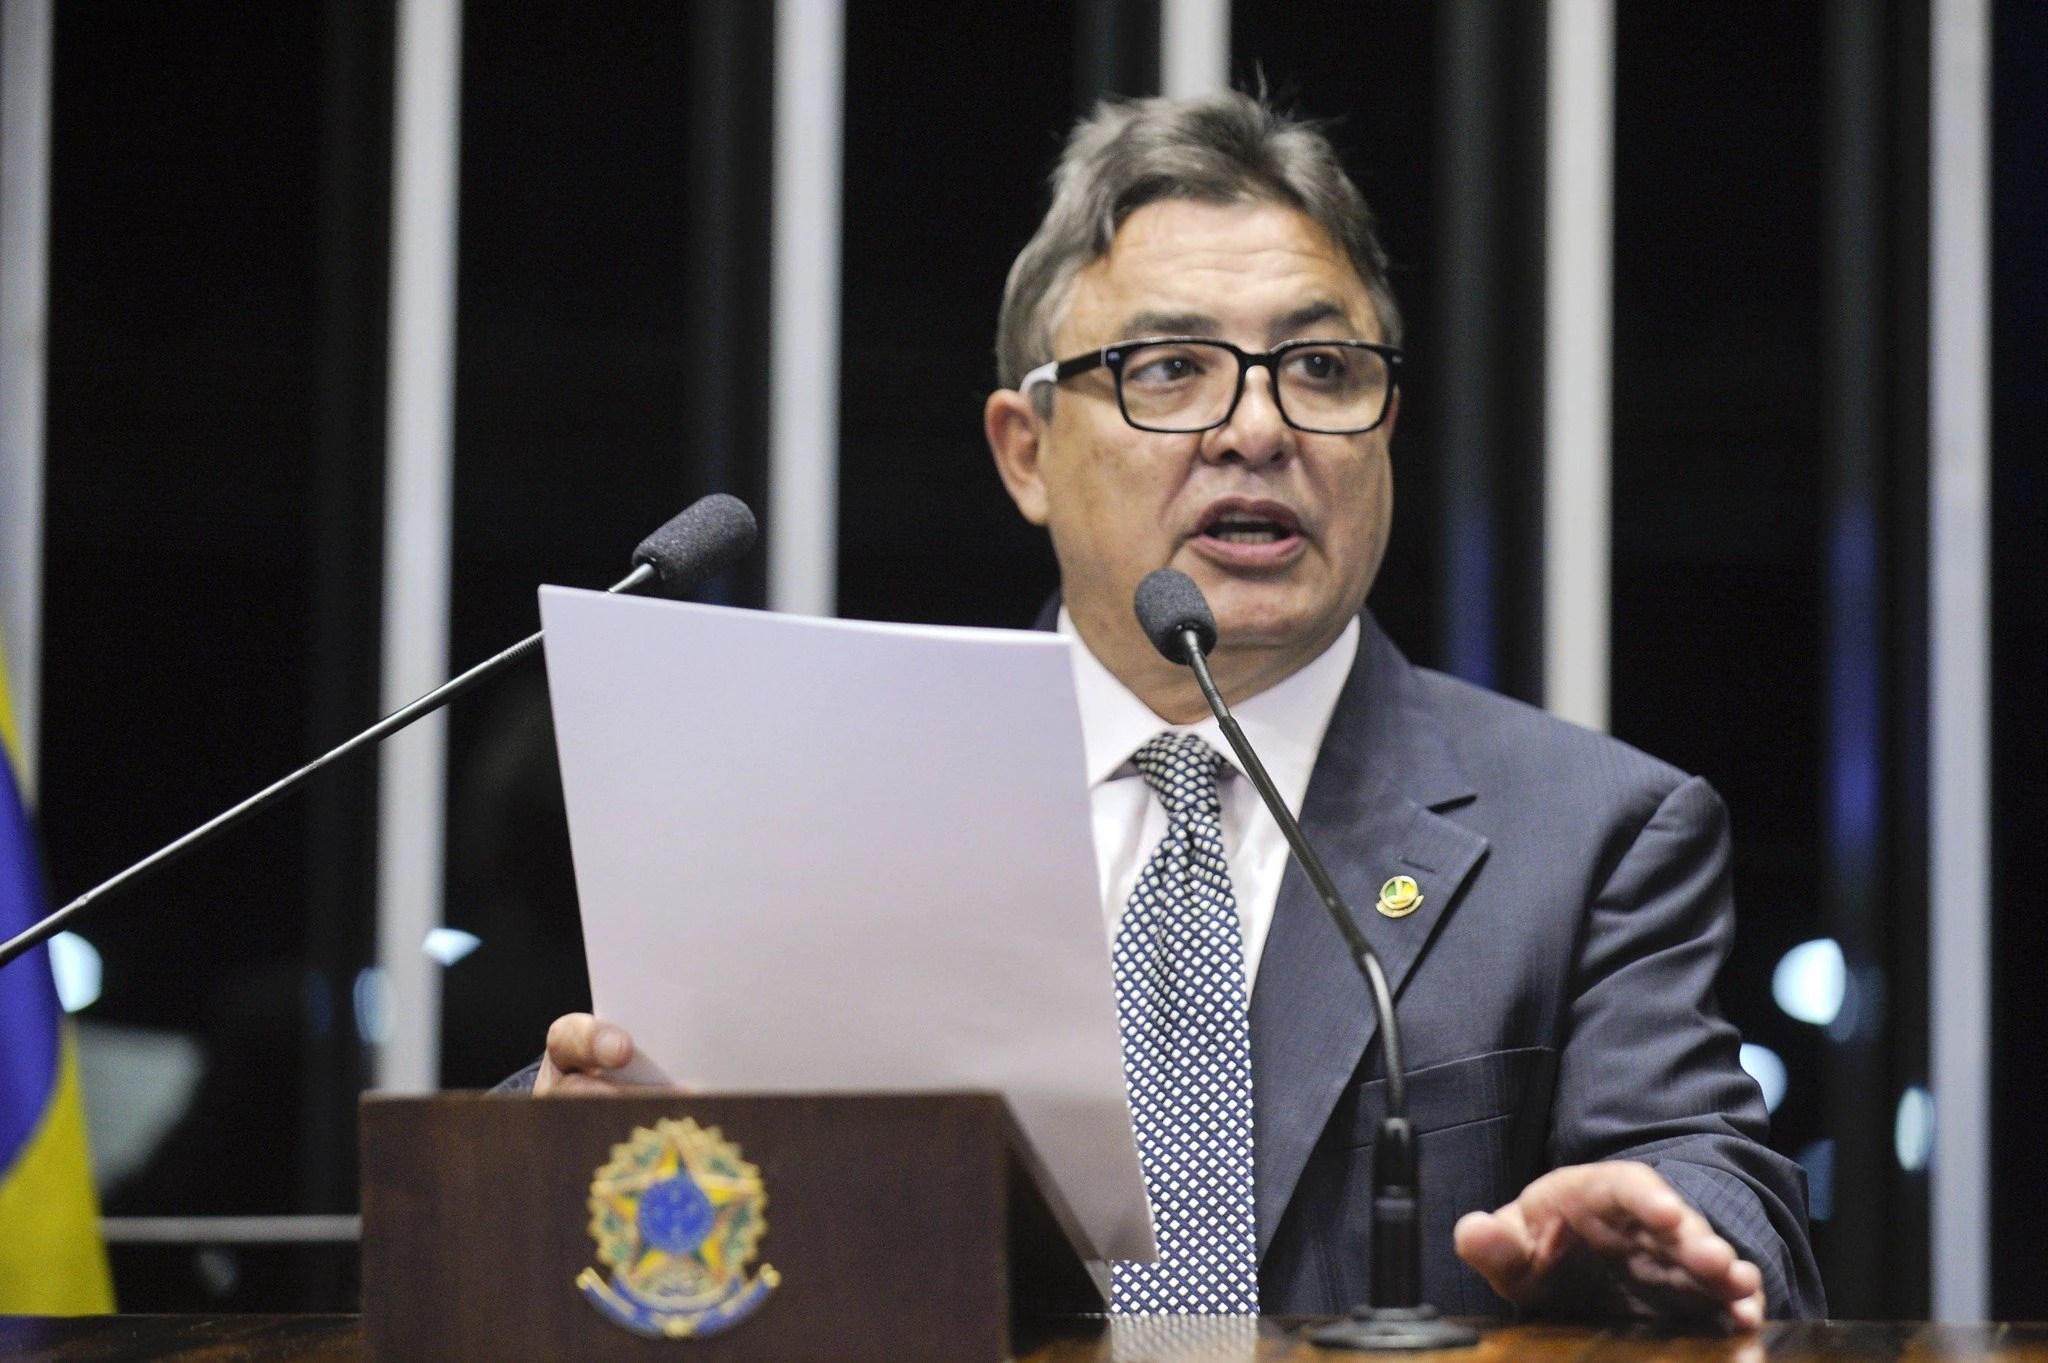 O senador Zeze Perrella (PDT-MG) discursa no plenário.